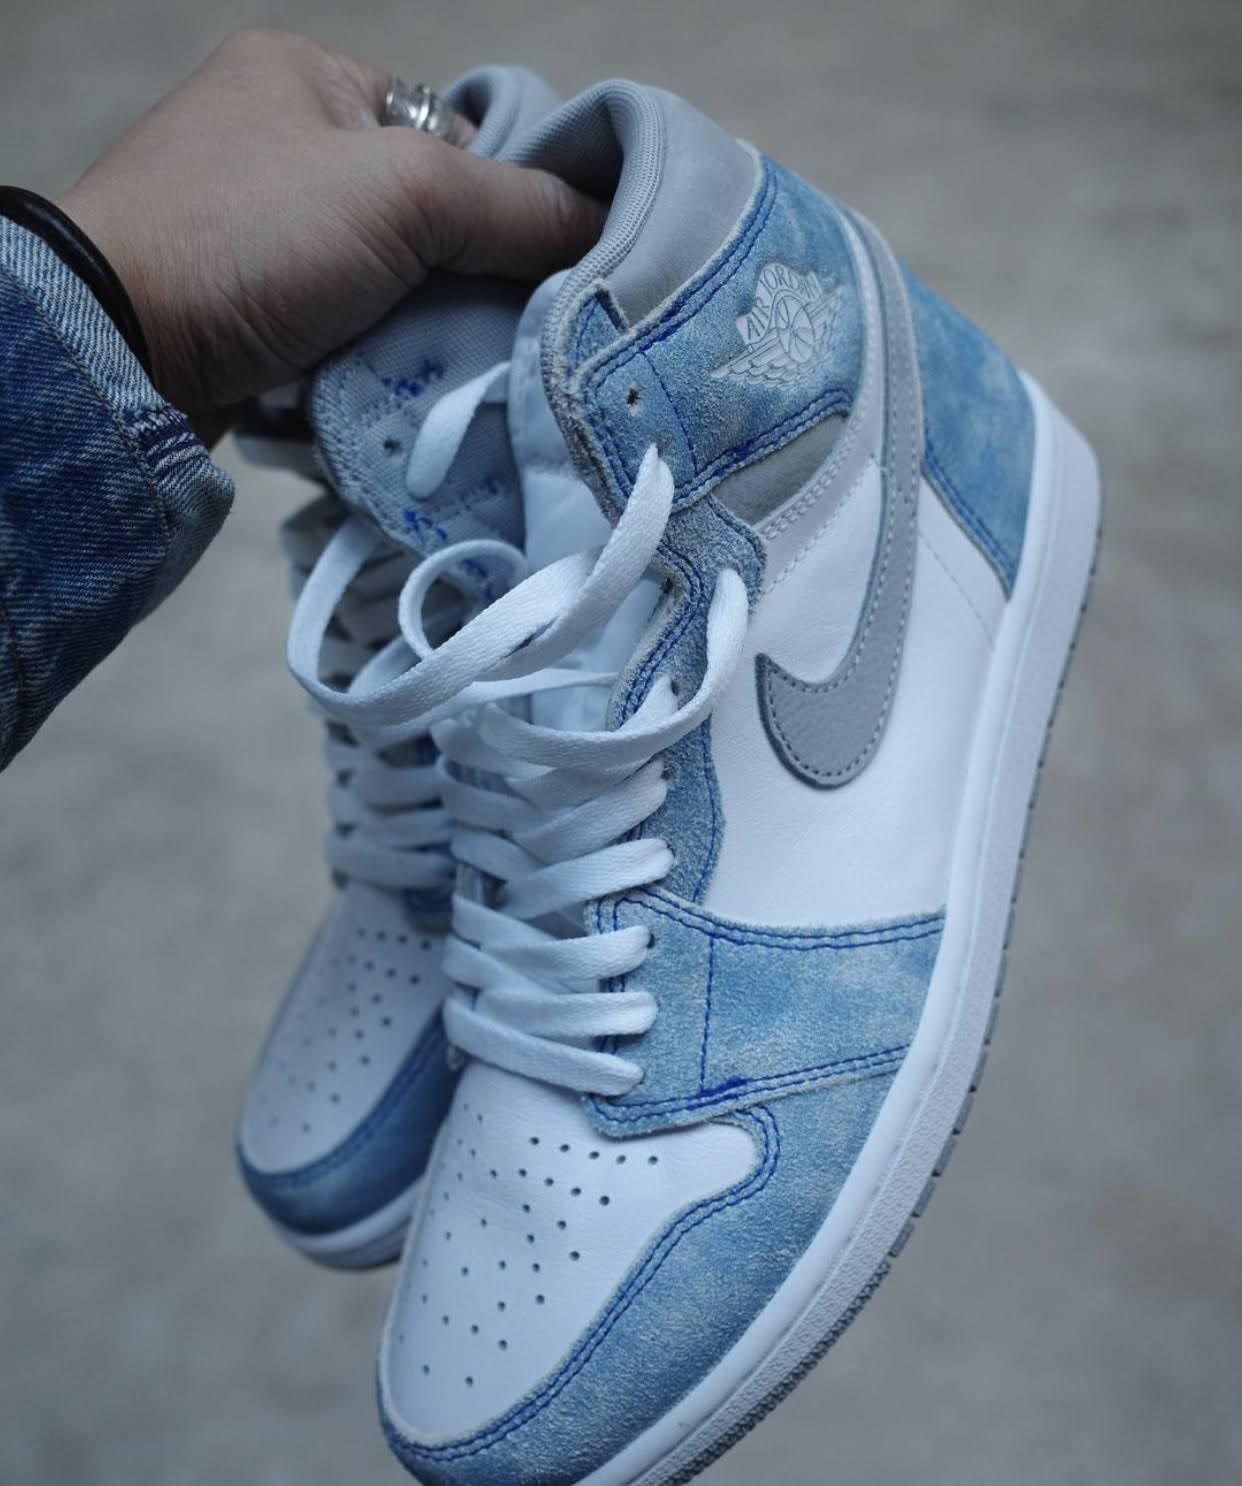 """ナイキ エア ジョーダン 1 ハイ OG """"ハイパーロイヤル"""" Nike-Air-Jordan-1-Hyper-Royal-555088-402-3-pair-side"""